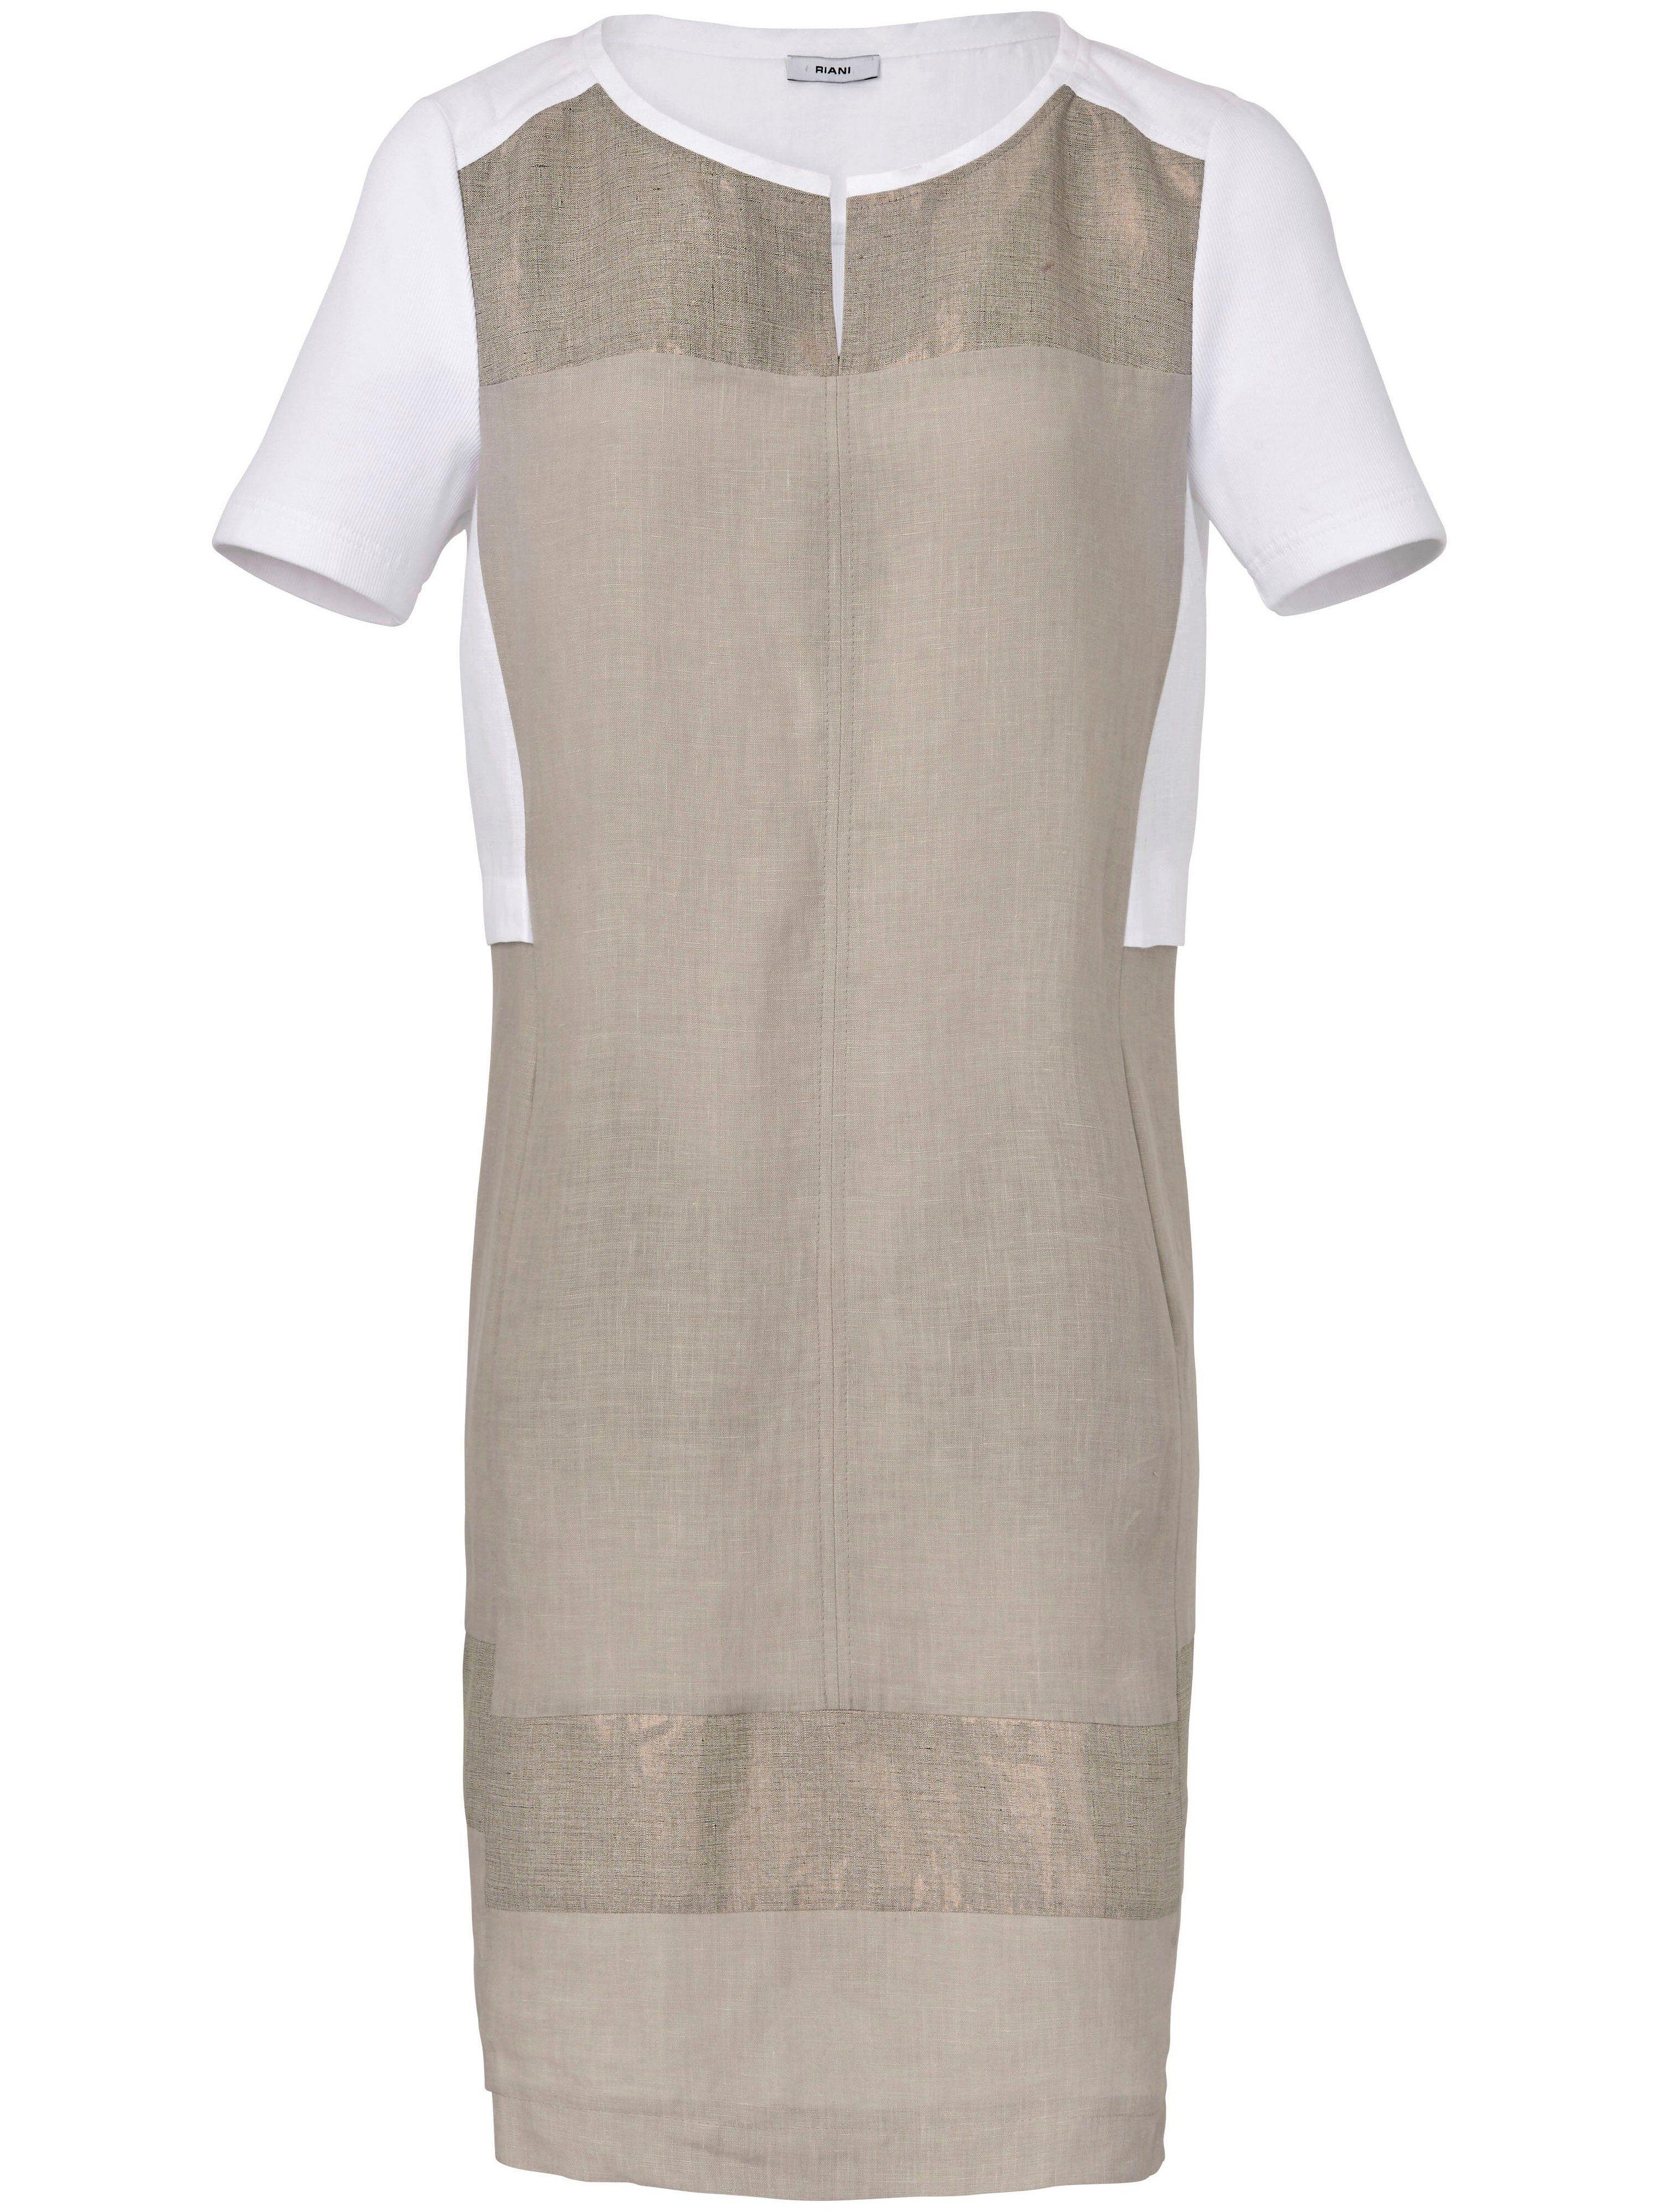 Riani La robe à manches courtes en pur lin, ligne droite  Riani beige  - Femme - 38